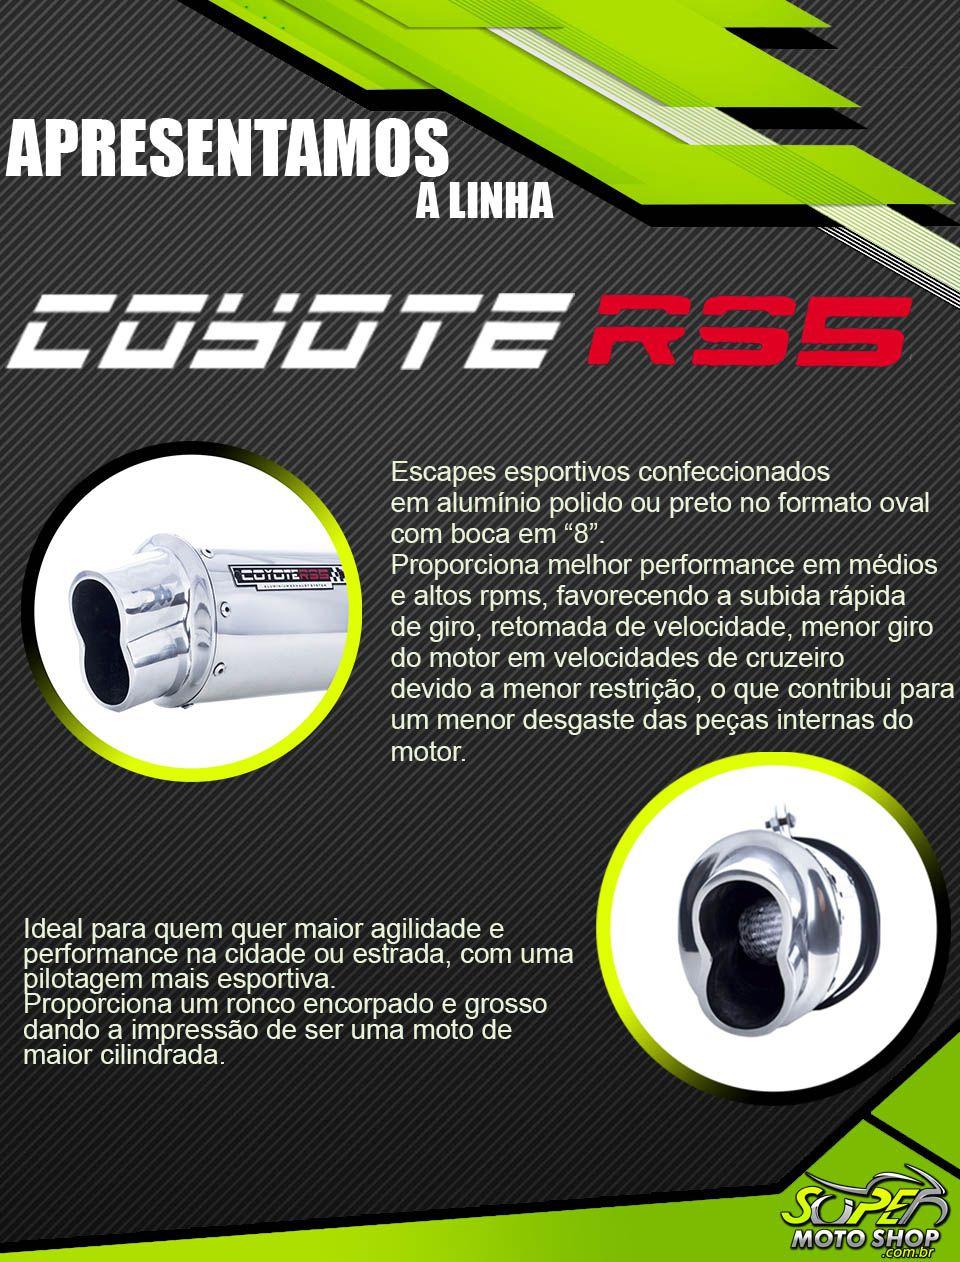 Escape / Ponteira Coyote RS5 Boca 8 Aluminio Oval - CG 160 Titan ano 2016 em Diante - Honda